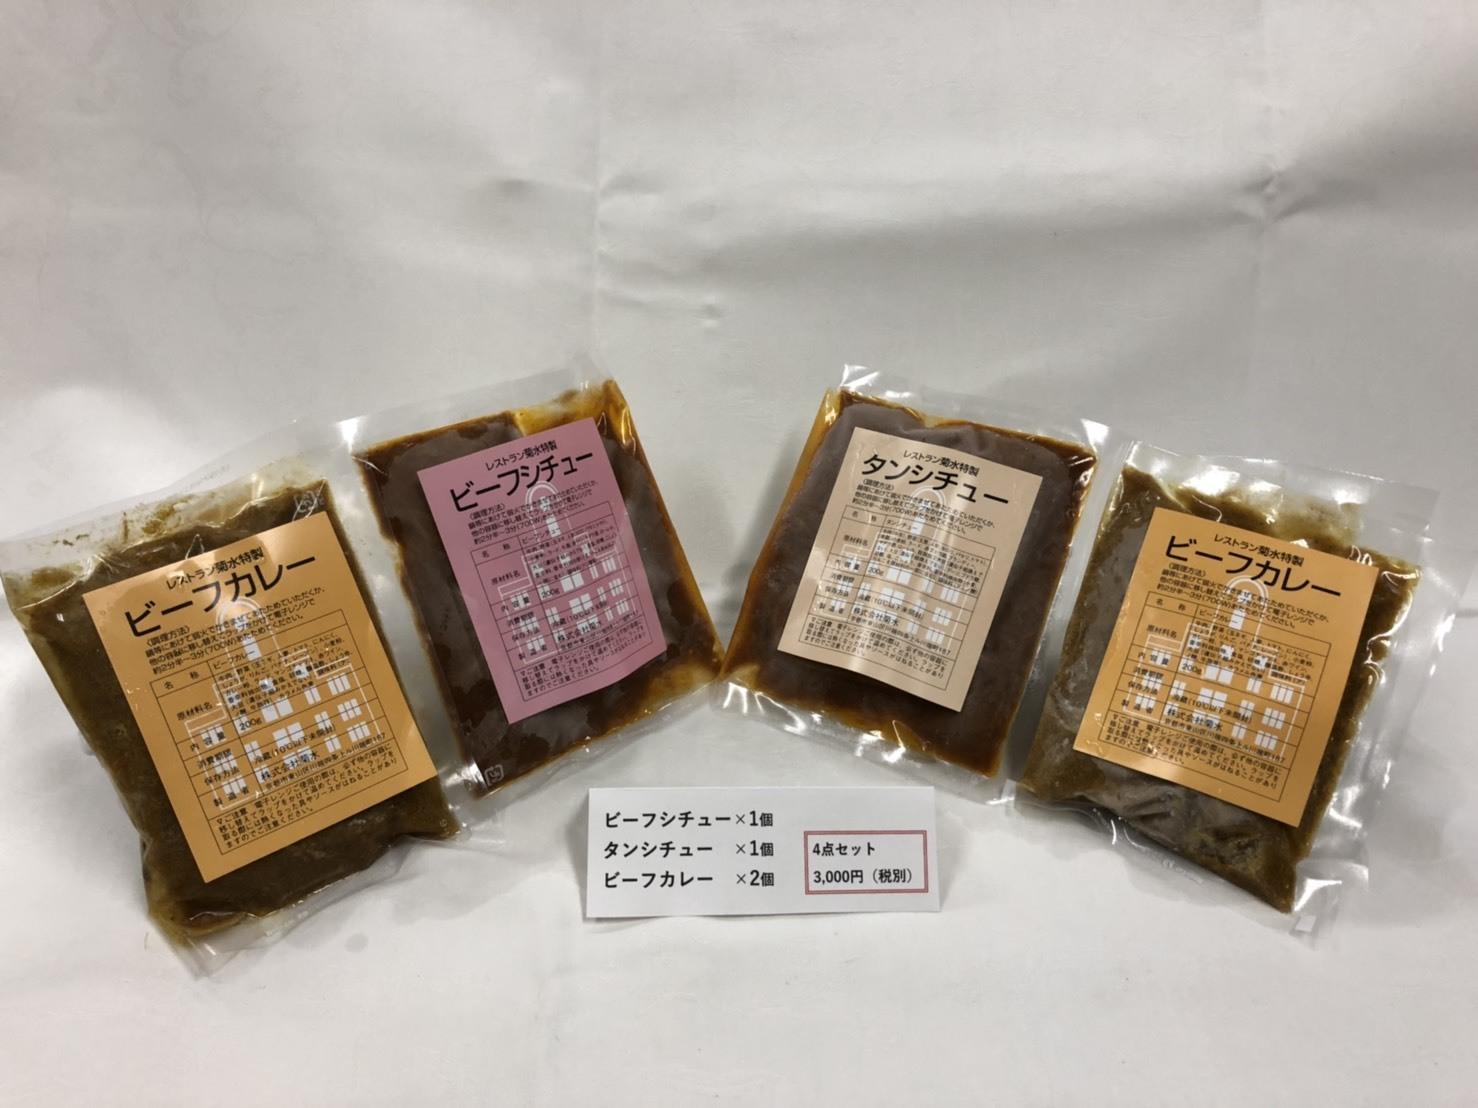 御家庭で 祇園四条大橋南座前の レストラン菊水のお味を_d0162300_19260744.jpg